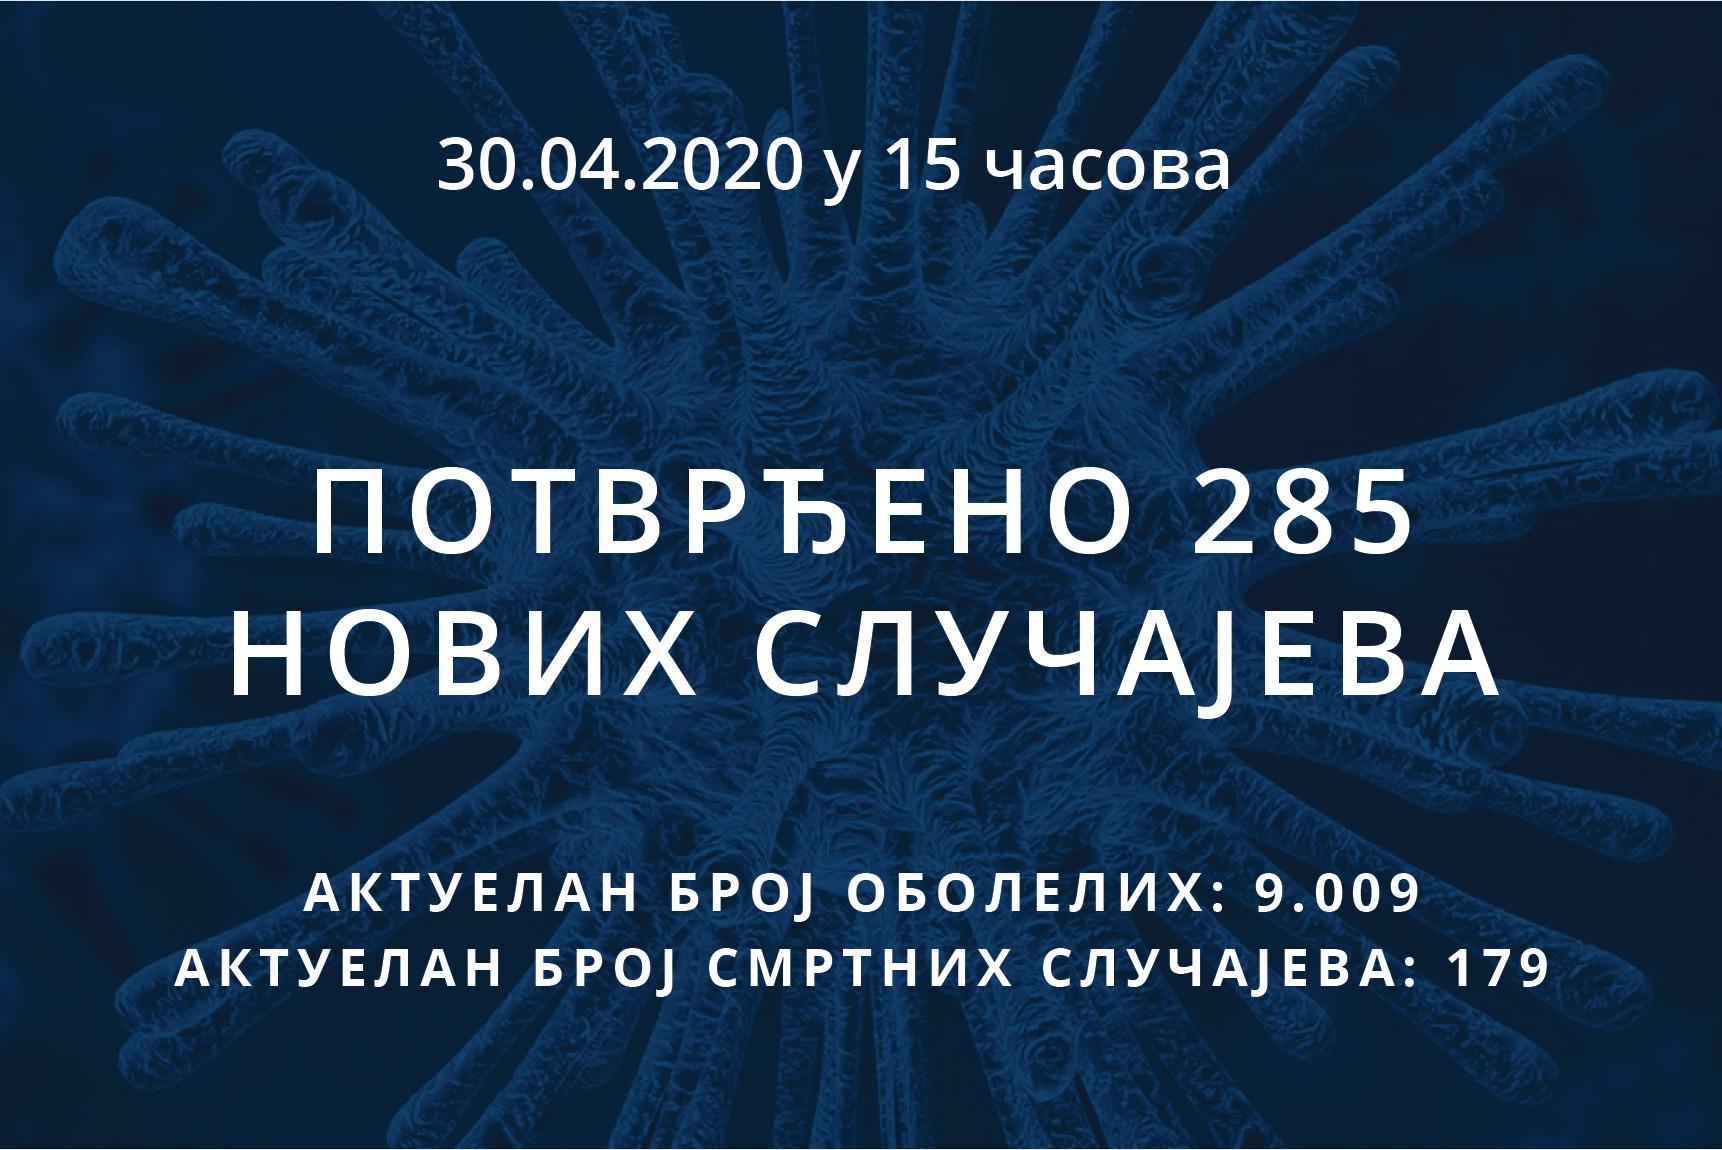 Информације о корона вирусу COVID-19, 30.04.2020 у 15 часова